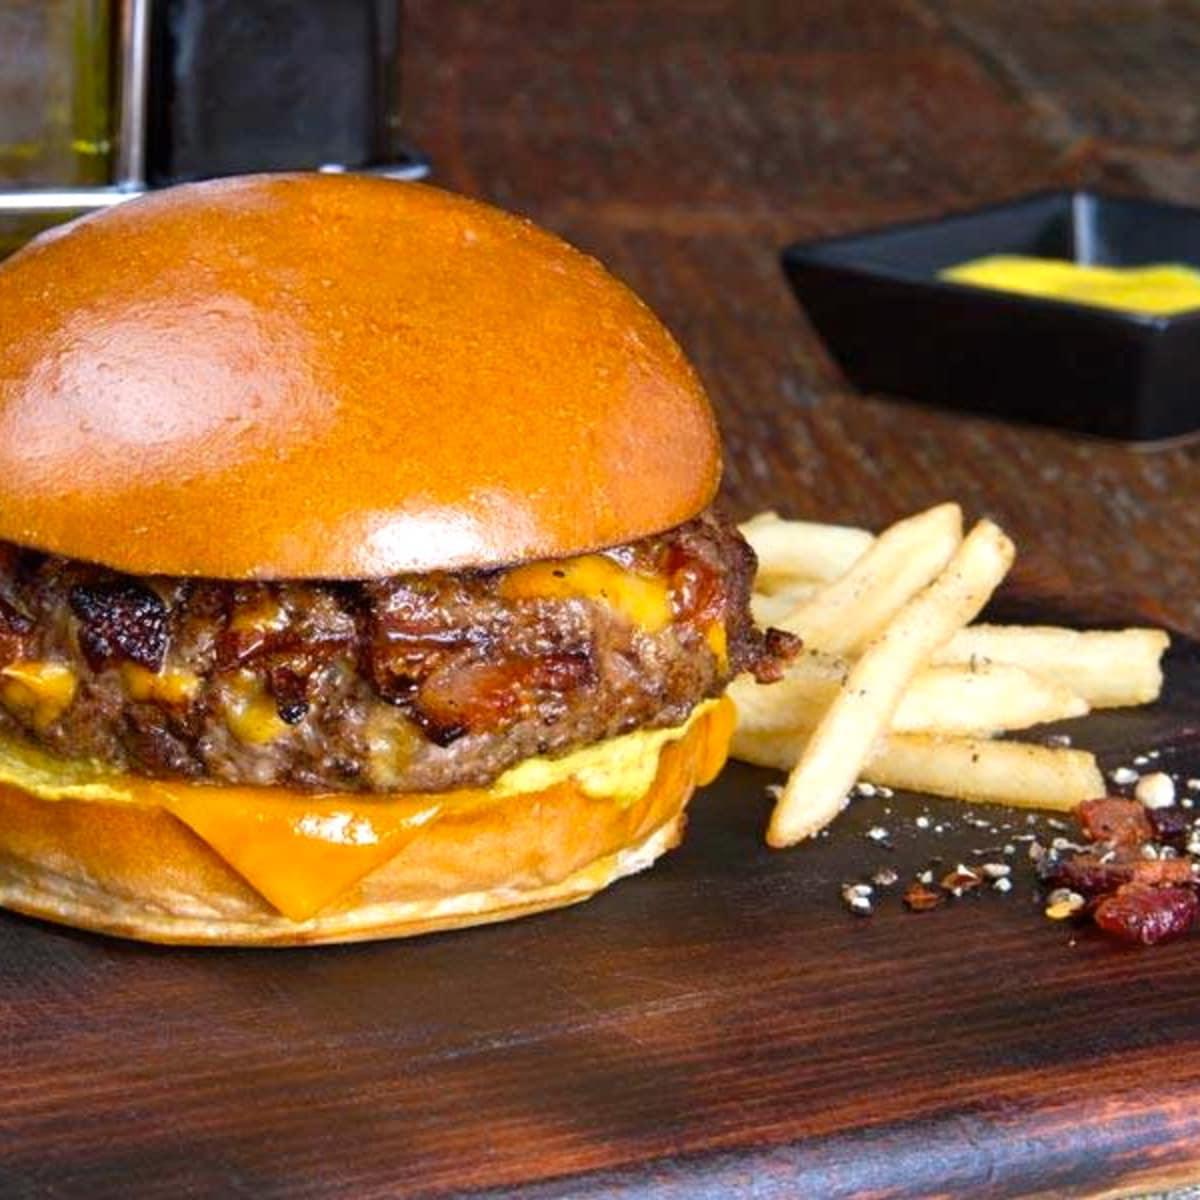 Houston, George Foreman Butcher Shop, July 2015, burger